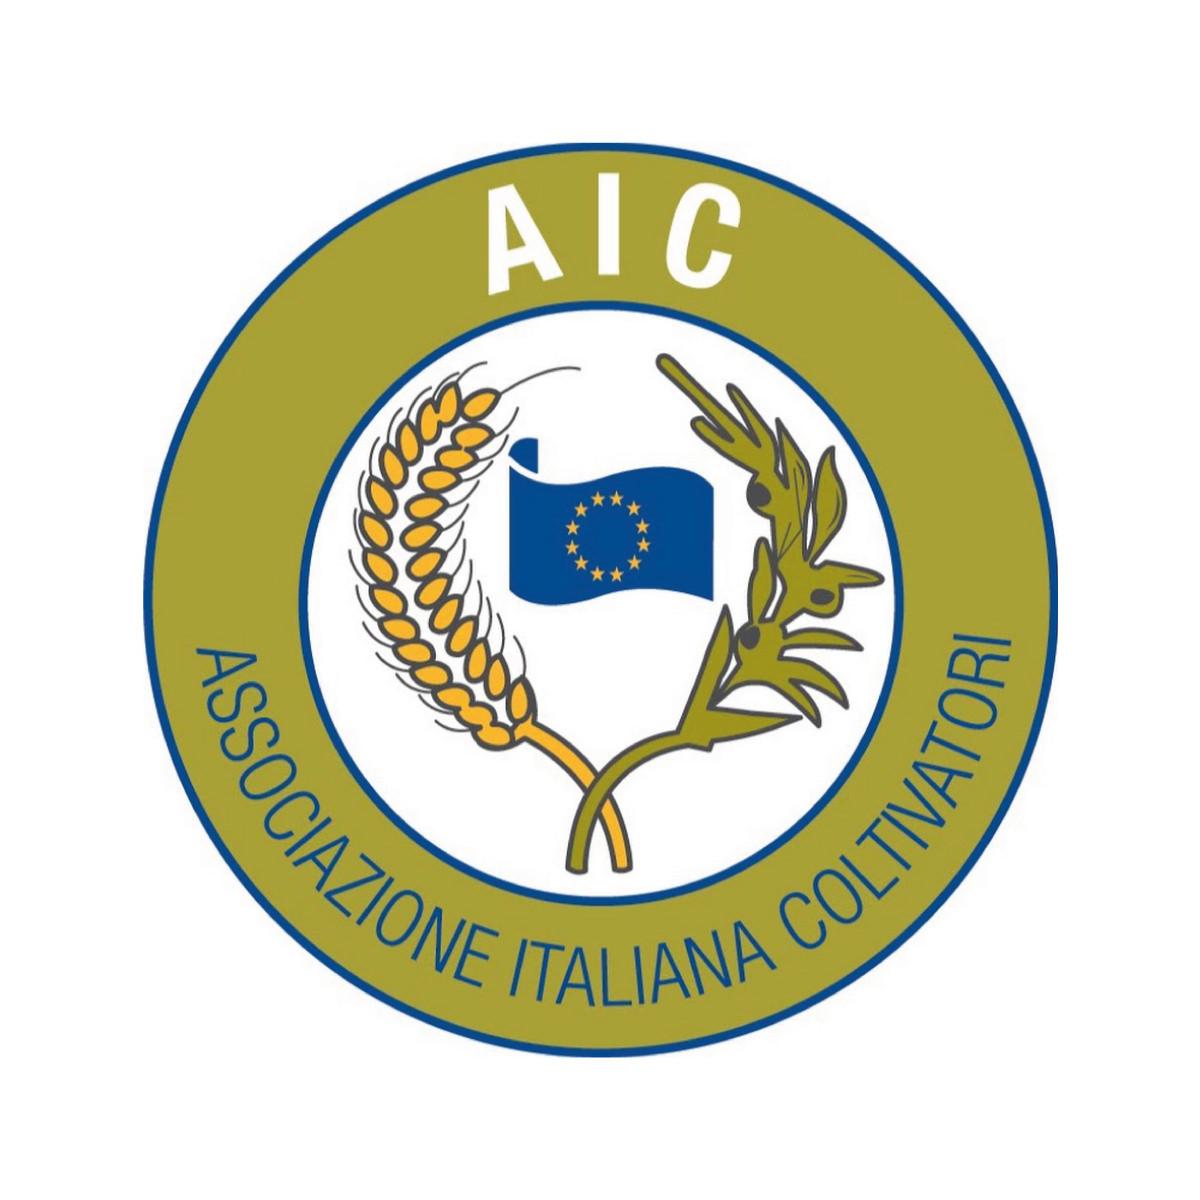 Zarpellon agricoltura-Img-Servizi_Sportello-AIC